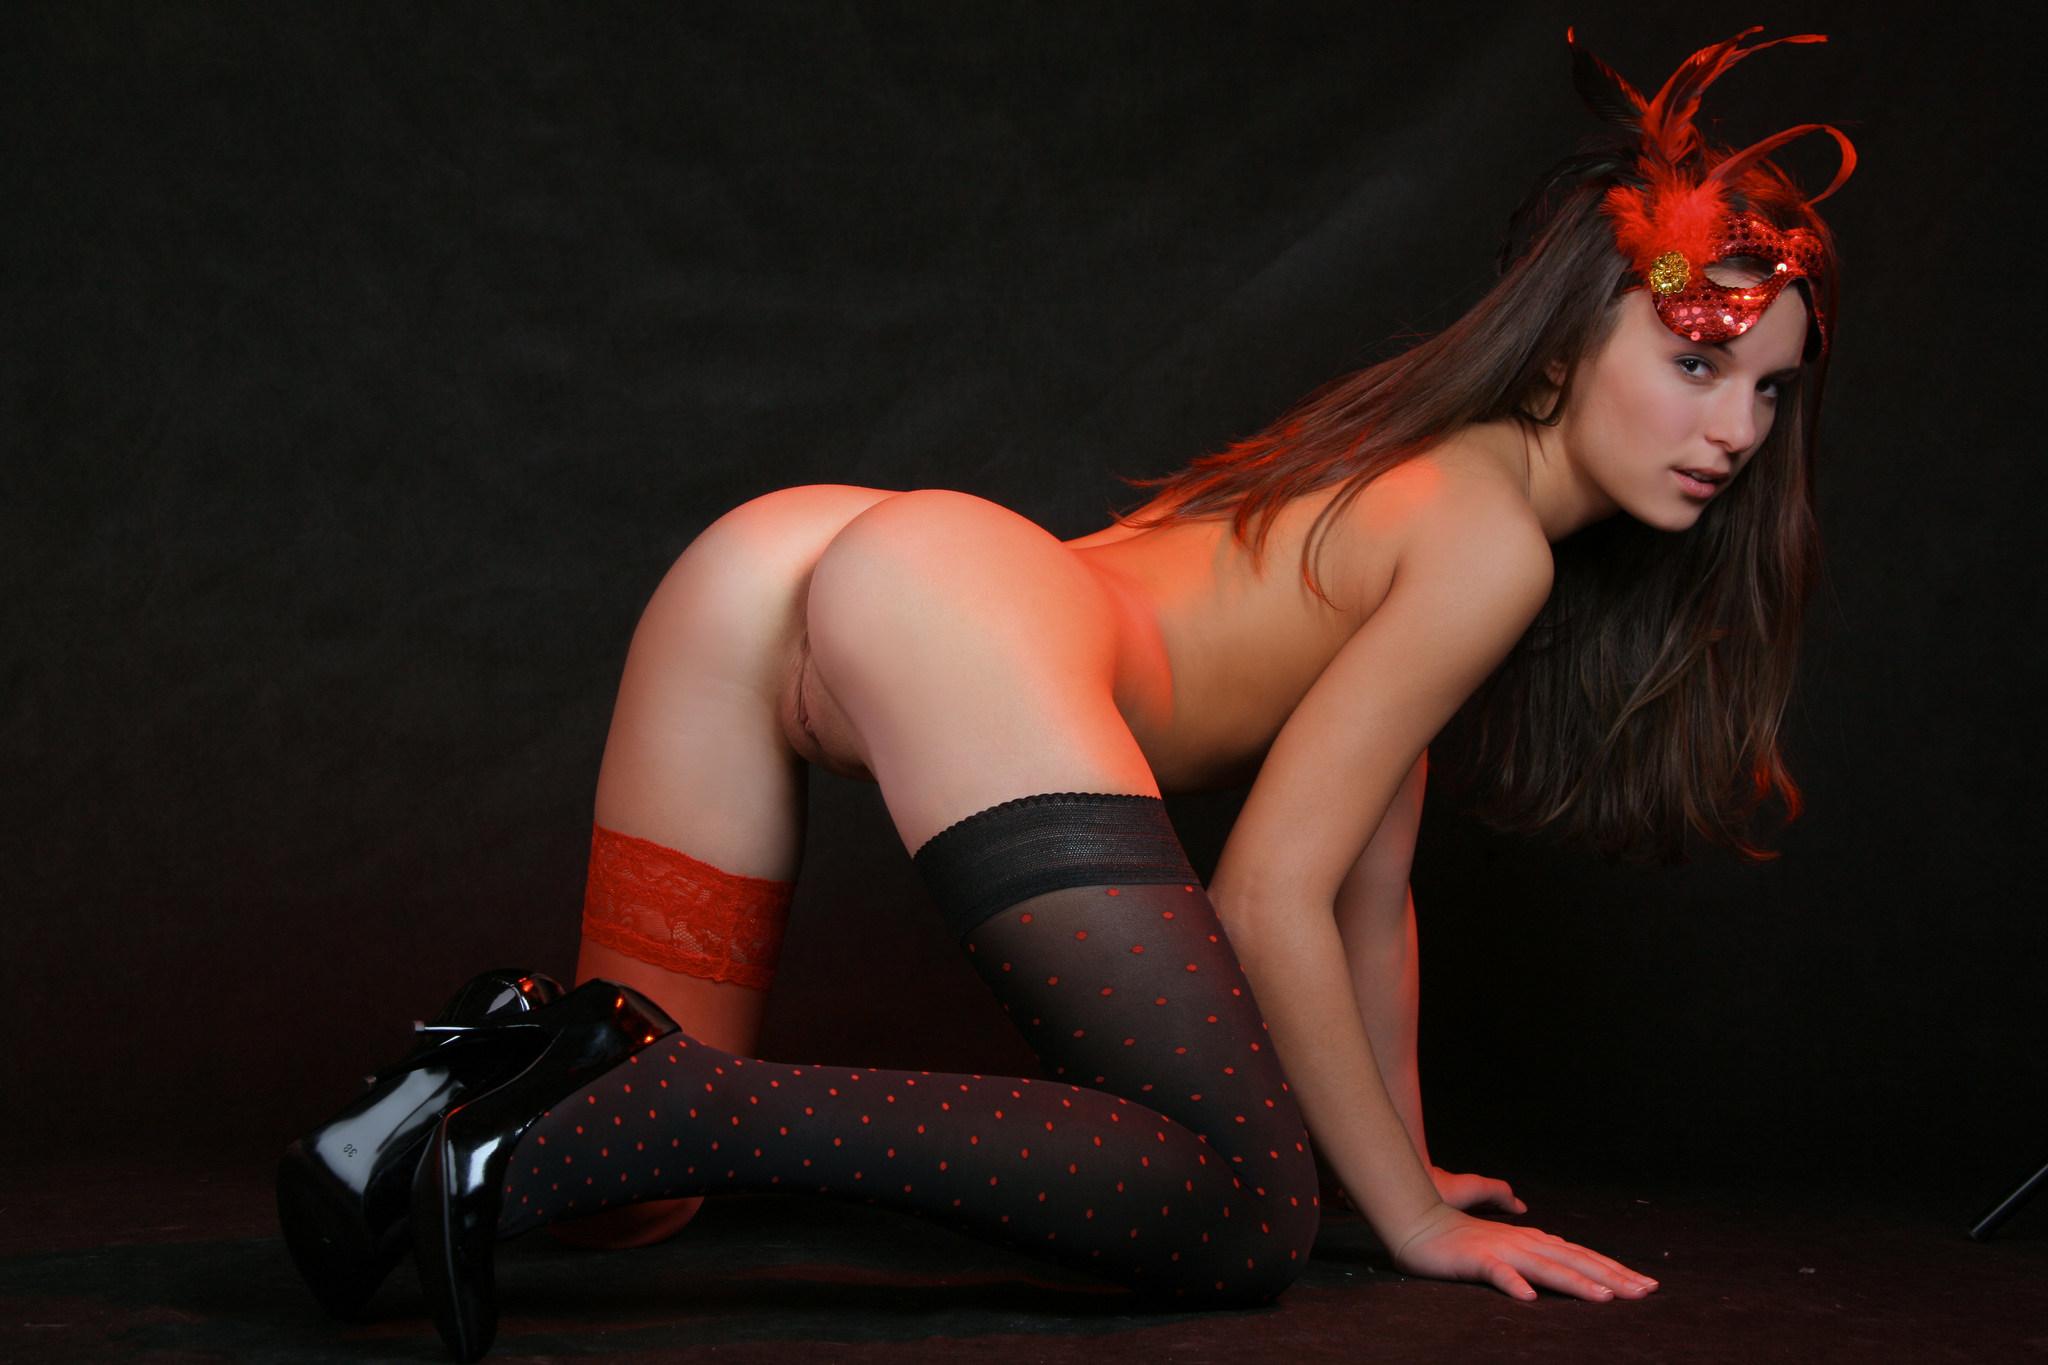 pantyhose-and-stockings-67